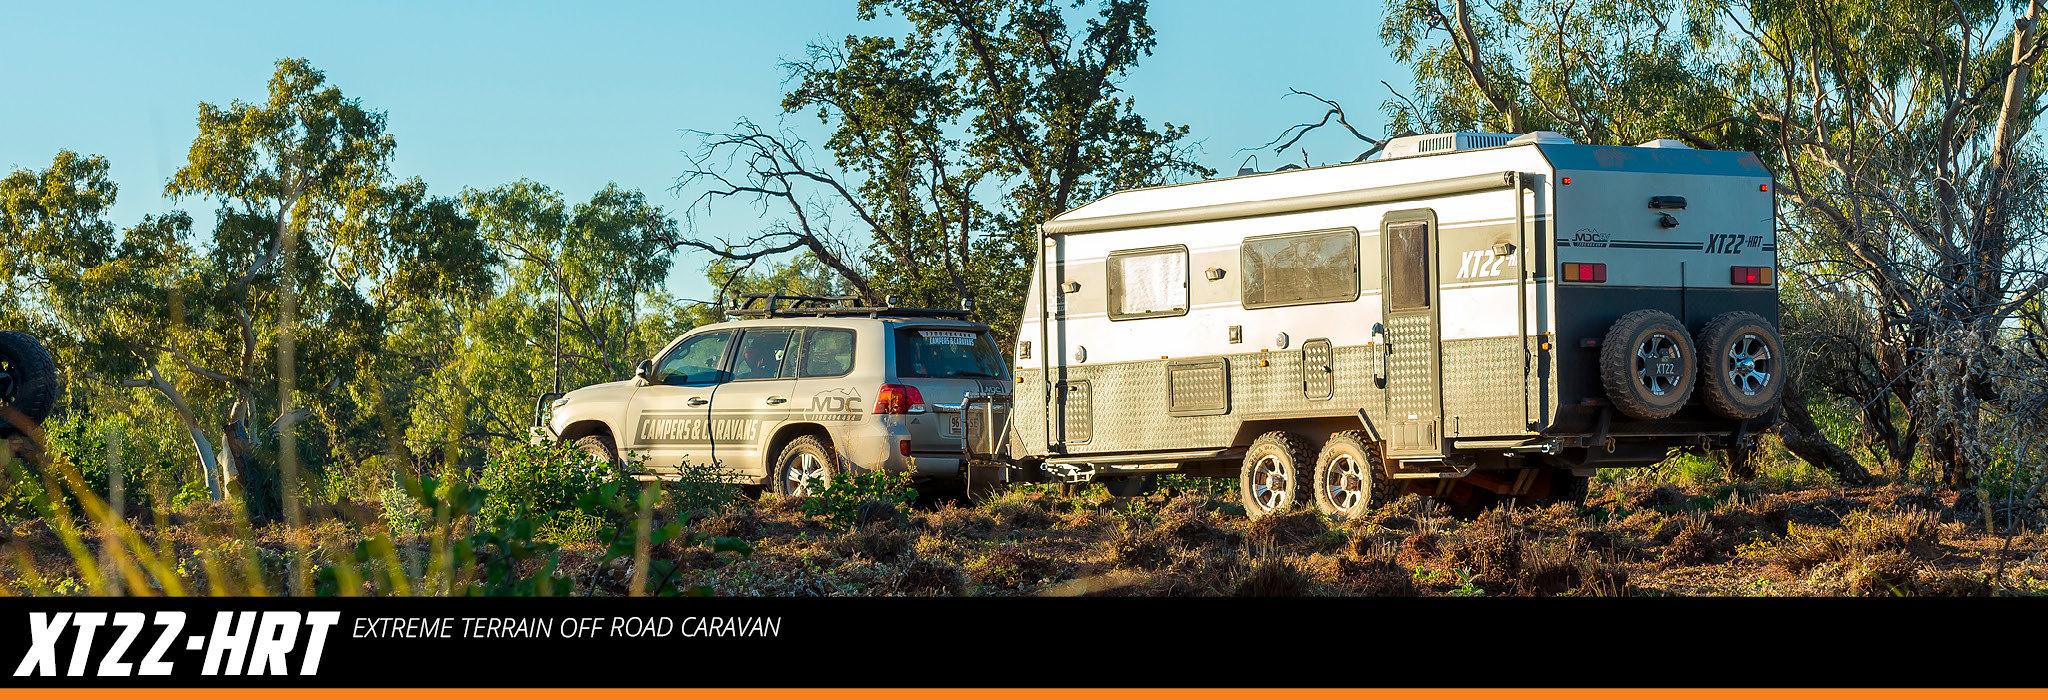 Mdc Caravans